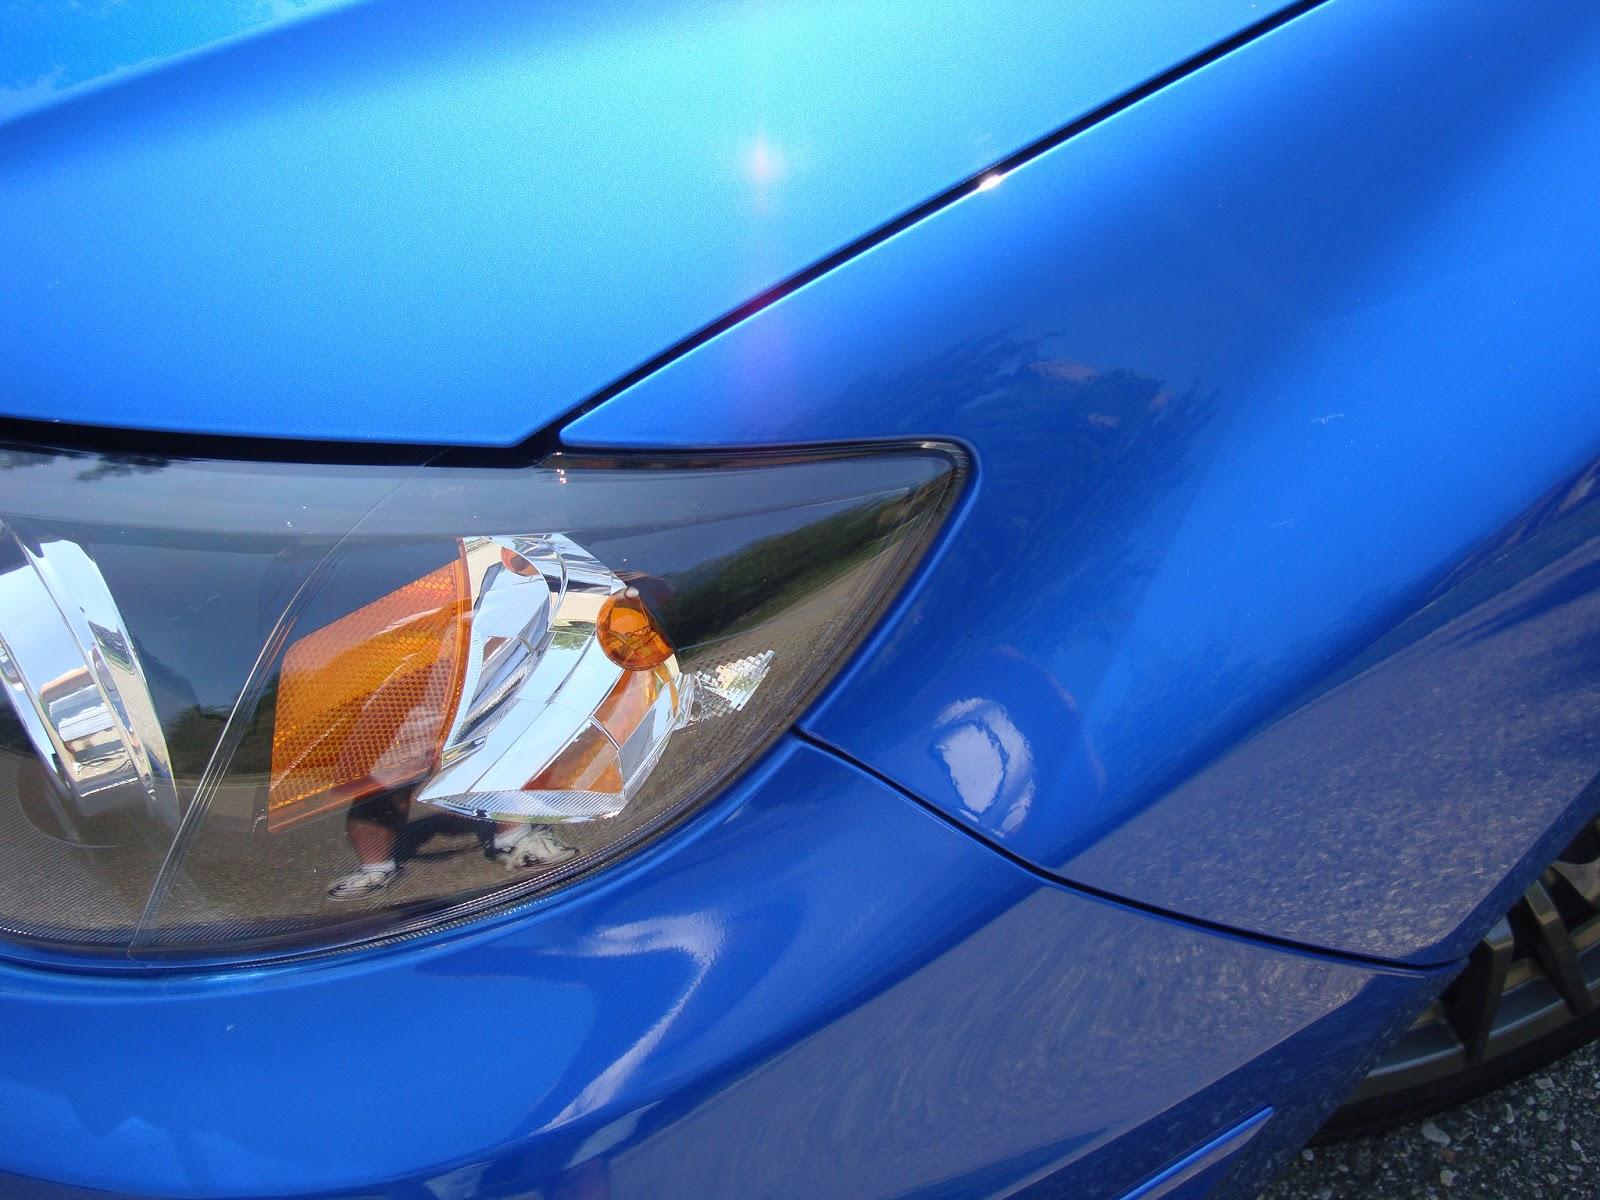 Nicely waxed car